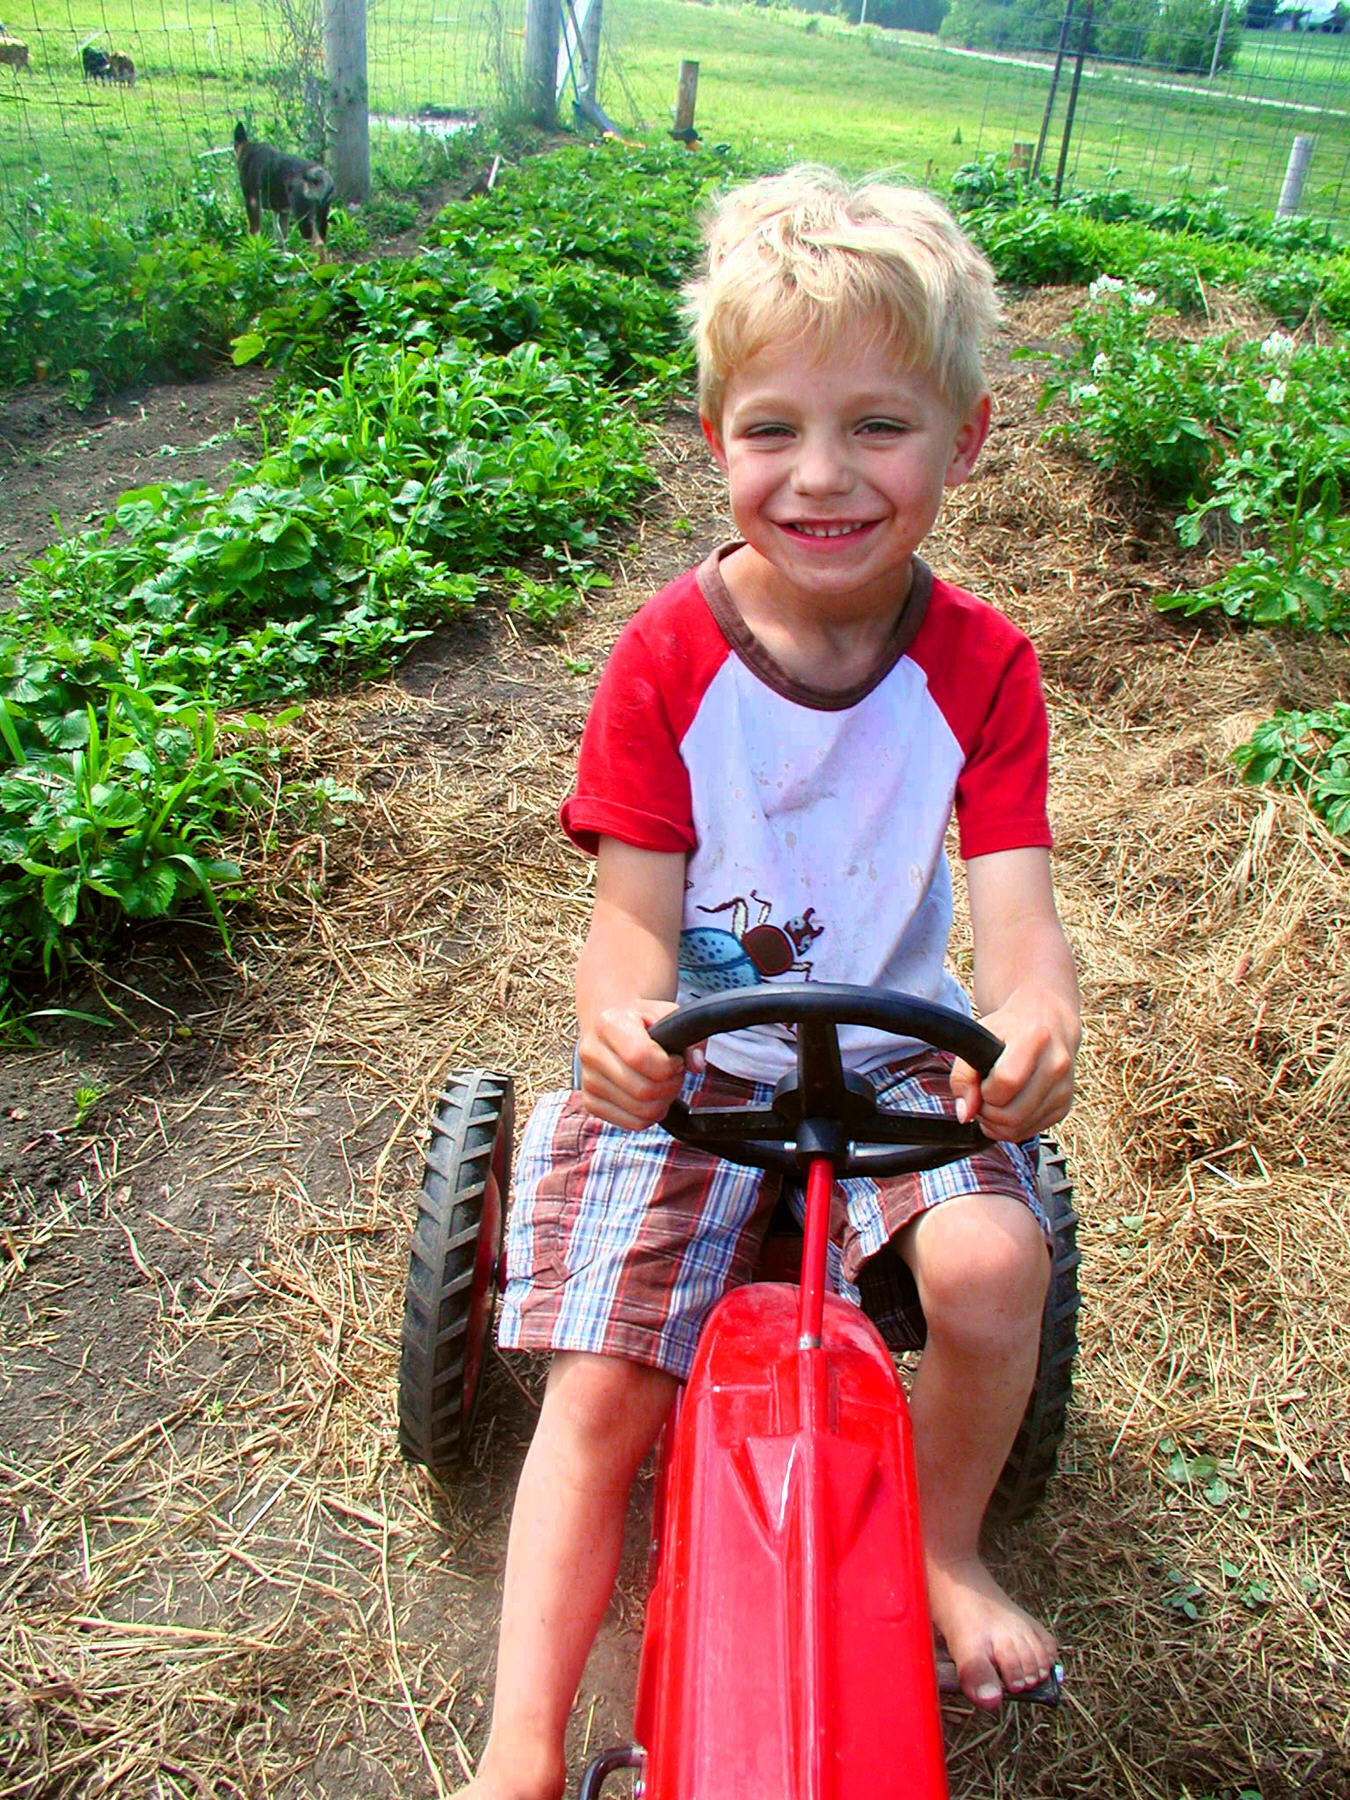 My little farmer - Sugar Creek FarmSugar Creek Farm